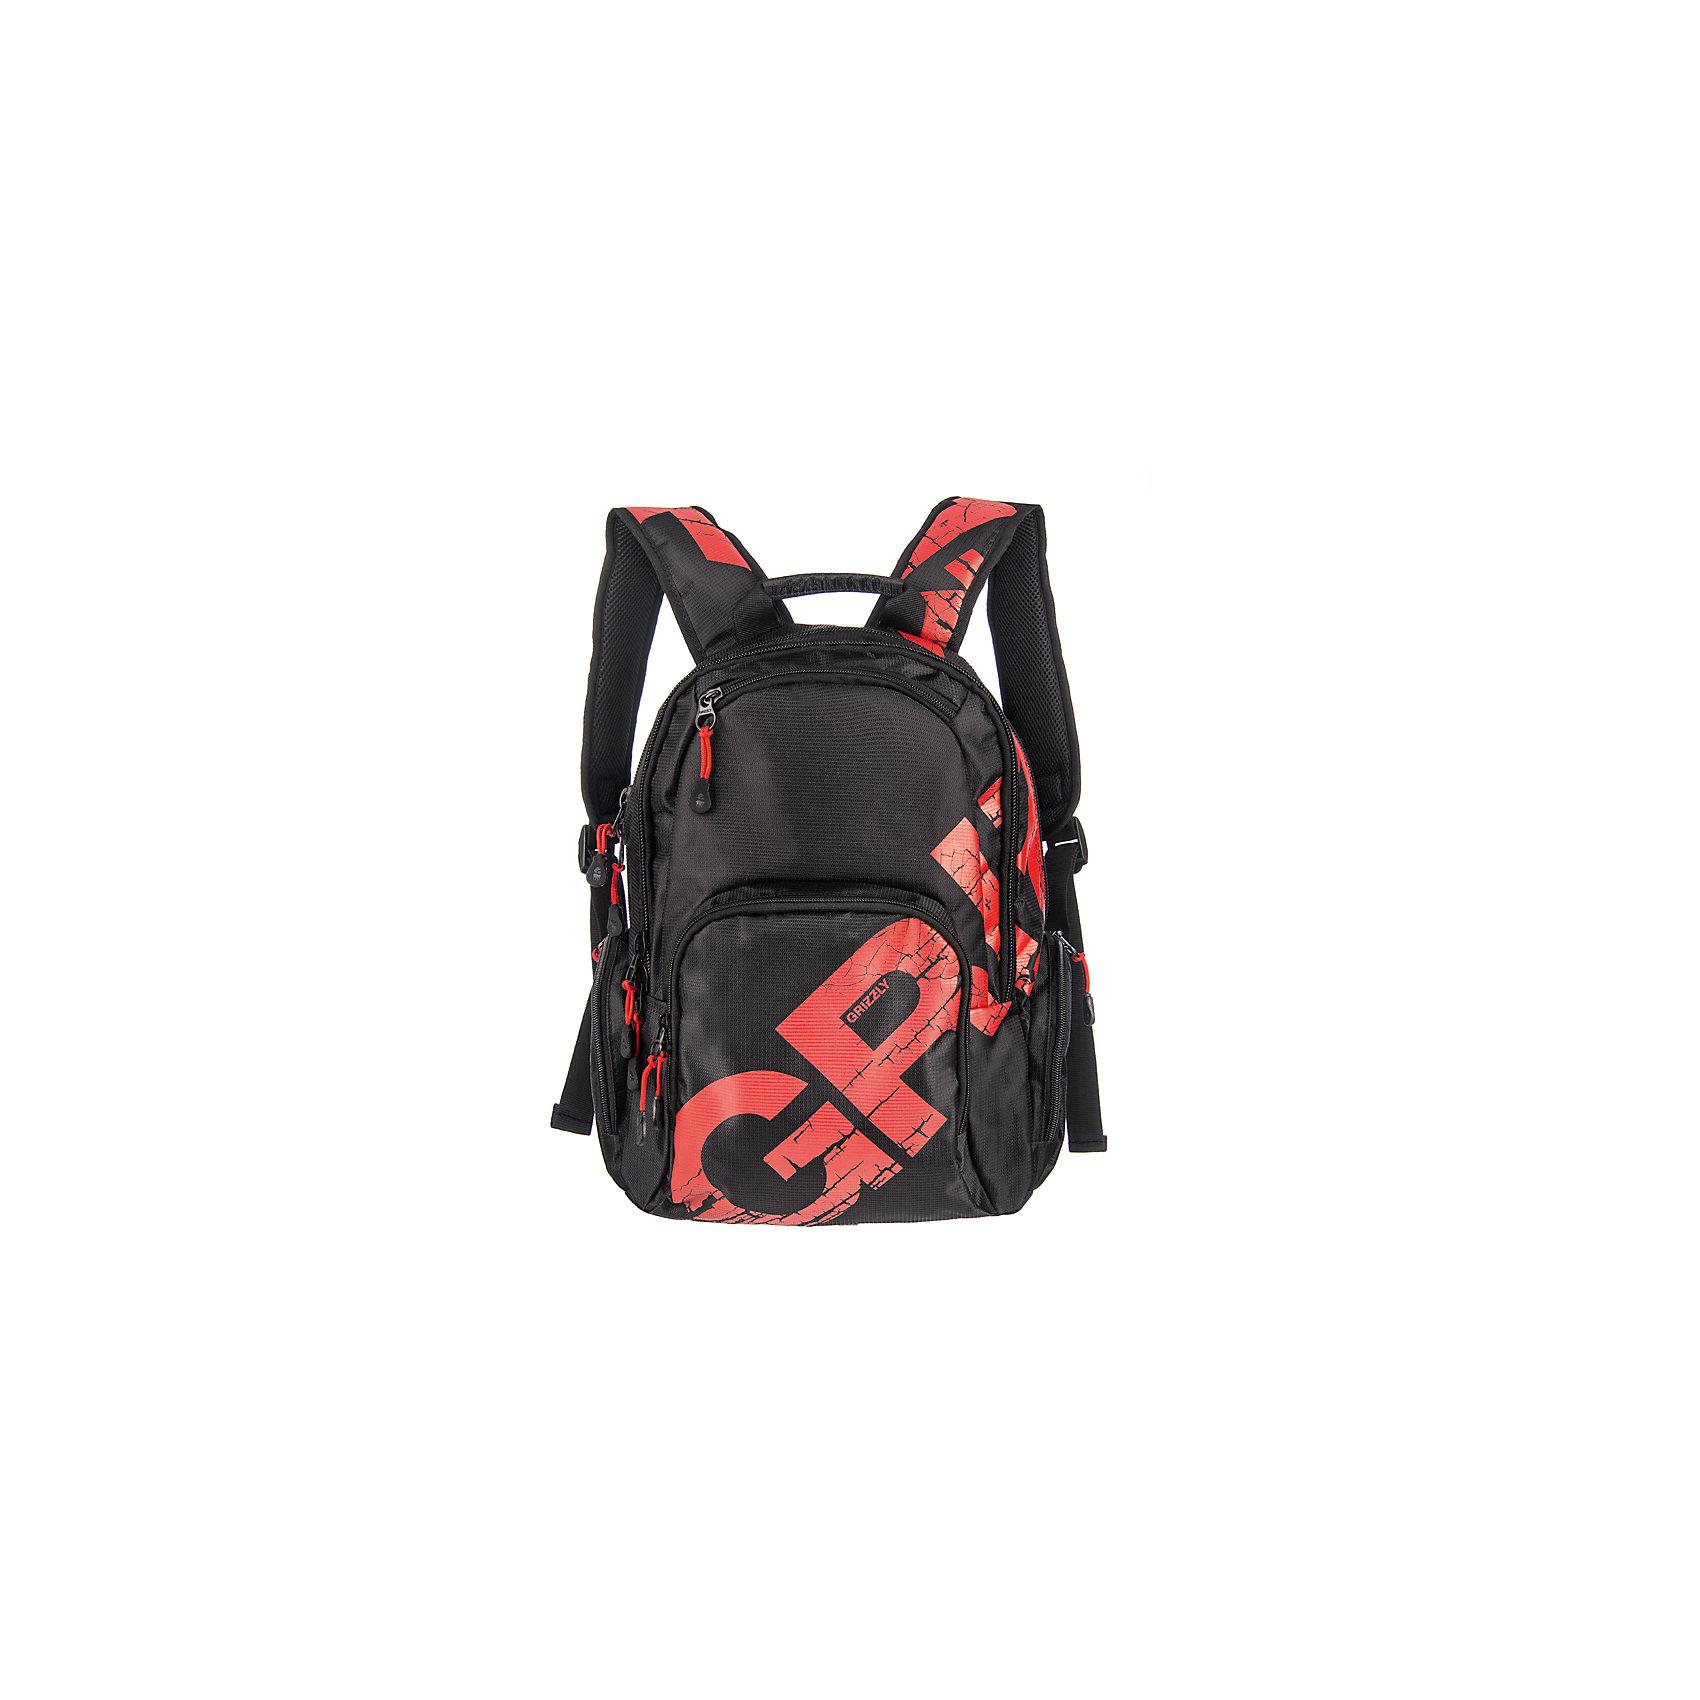 Grizzly рюкзак  2 отделенияРюкзаки<br>Рюкзак молодежный, два отделения, объемный карман на молнии на передней стенке, объемные боковые карманы на молнии, внутренний подвесной карман на молнии, <br>откидное жесткое дно, жесткая анатомическая спинка, карман быстрого доступа в верхней части рюкзака, дополнительная ручка-петля, укрепленные лямки<br>  <br>Вес, г: 935<br>Размер, см:30х42х22<br>Состав: Нейлон<br>Наличие светоотражающих элементов: нет<br>Материал: Нейлон<br>Спина:  полужесткая<br>Наличие дополнительных карманов внутри: да<br>Дно выбрать: Мягкое<br>Количество отделений внутри: 2<br>Боковые карманы:да <br>Замок:  Молния<br>Вмещает А4: да<br><br>Ширина мм: 300<br>Глубина мм: 220<br>Высота мм: 420<br>Вес г: 935<br>Возраст от месяцев: 96<br>Возраст до месяцев: 216<br>Пол: Мужской<br>Возраст: Детский<br>SKU: 6727525